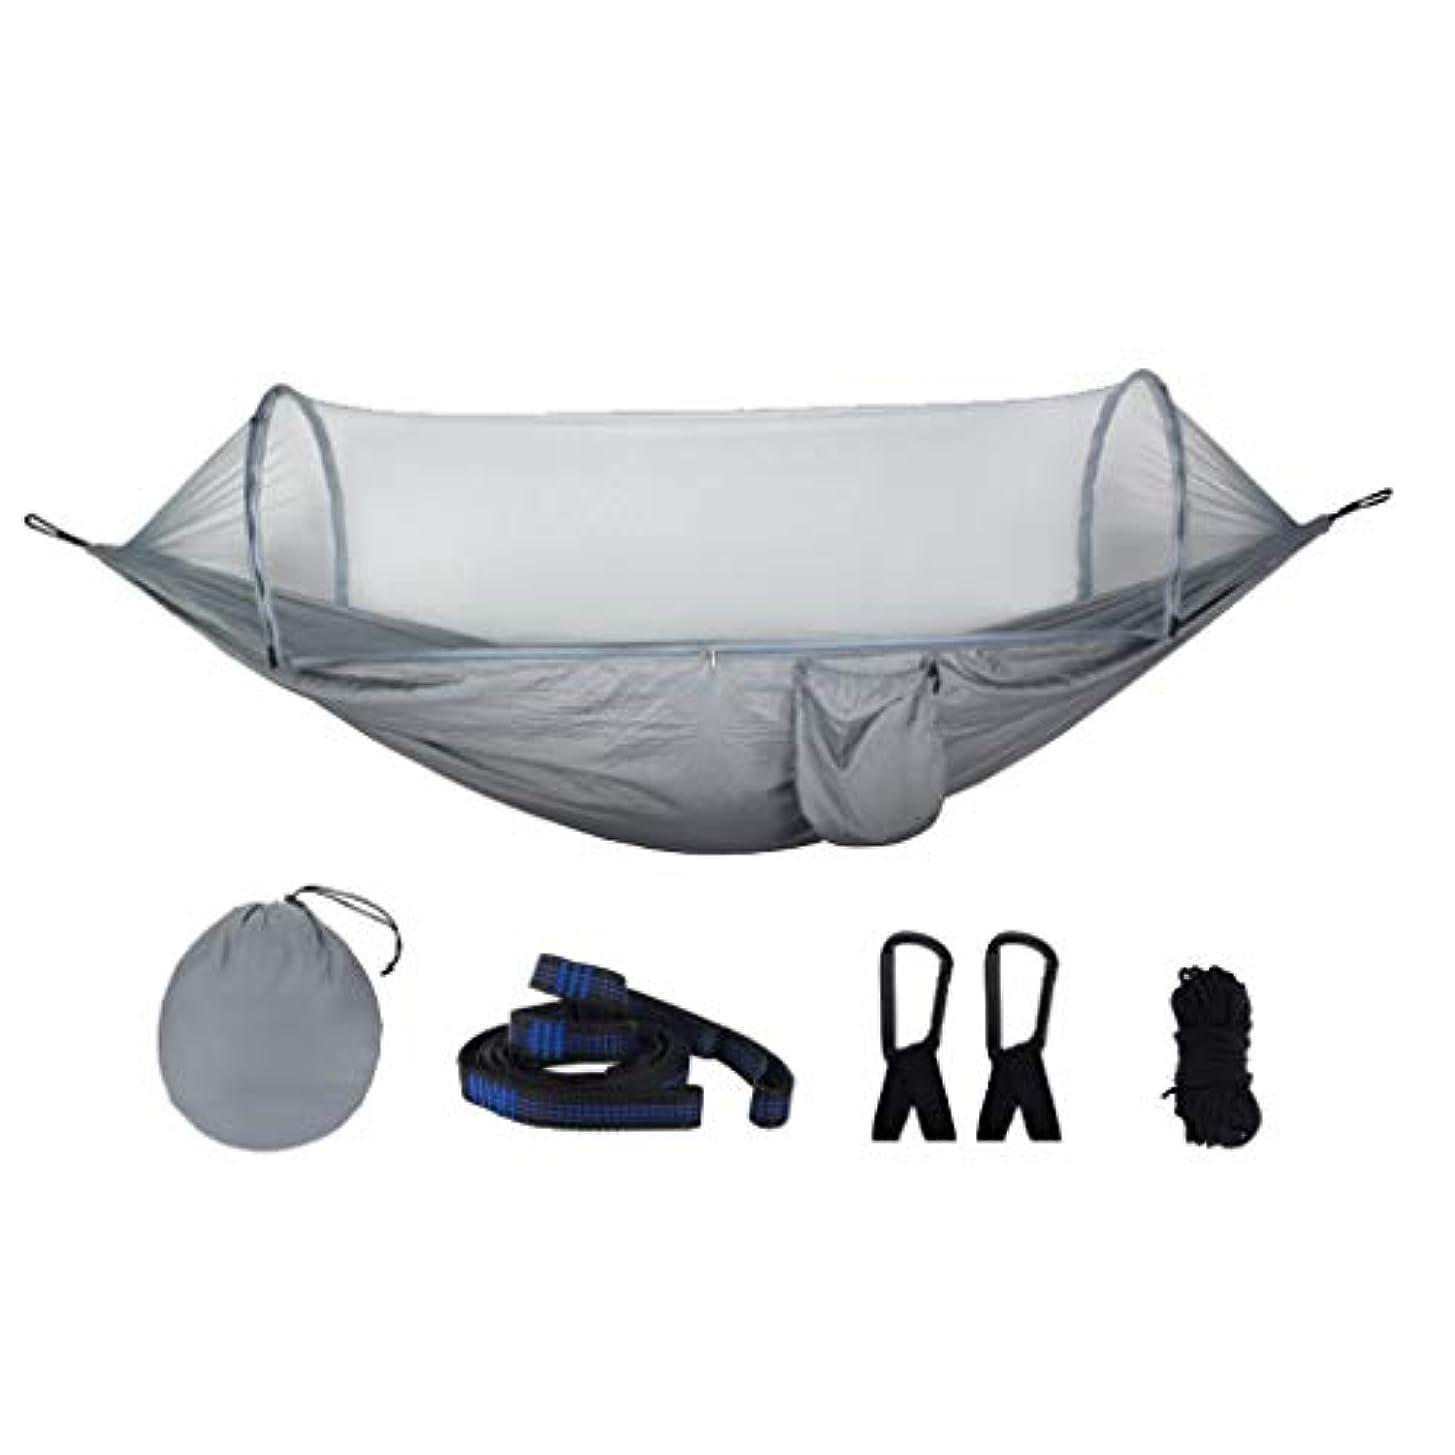 タクト大学院起点すぐにオープン蚊帳ハンモック、キャンプアウトドアレジャーメッシュハンモック、持ち運びが簡単、パラシュート布反蚊振り子、美しく実用的な、木の上のシンプルなテント Qiuoorsqurp